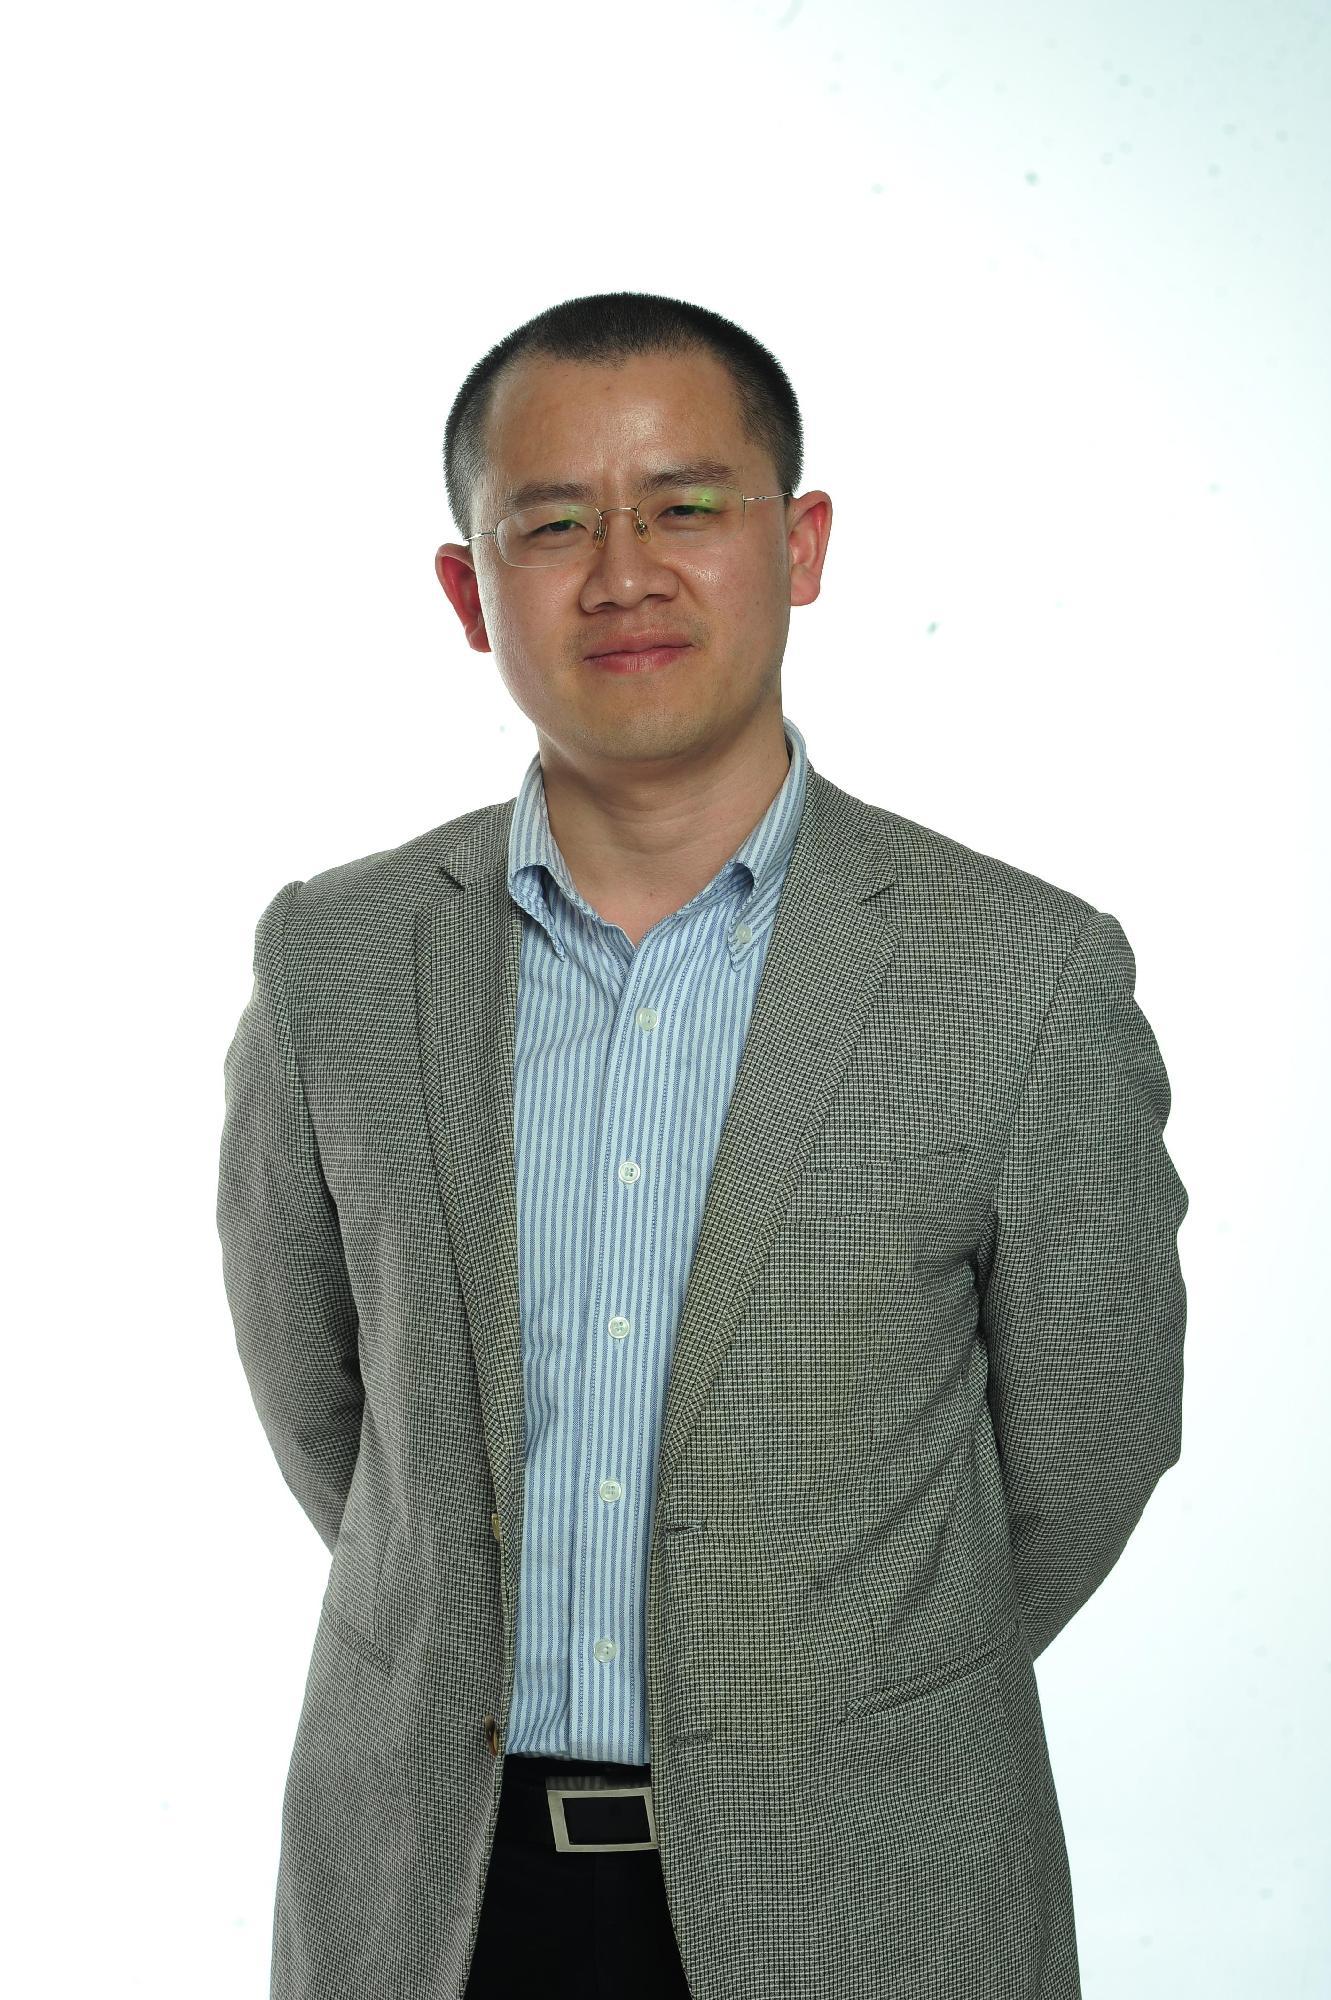 日前,上海现代服务业联合会品牌服务专业委员会即将在上海成立。上海锦坤文化发展集团作为发起人单位,在上海上海现代服务业联合会领导下,正着手相关的准备和筹建工作。   上海现代服务业联合会品牌服务专业委员会是上海现代服务业联合会下的继设计专业委员会、服务外包专业委员会之后的第三个专业委员会,为上海的品牌型企业和相关协会提供相关的指导和服务。   上海现代服务业联合会是为了适应上海推进城市现代化发展,提高国际竞争力的客观需要,按照上海市政府提出的大力发展服务业,尤其是发展现代服务业,增强城市综合服务功能的